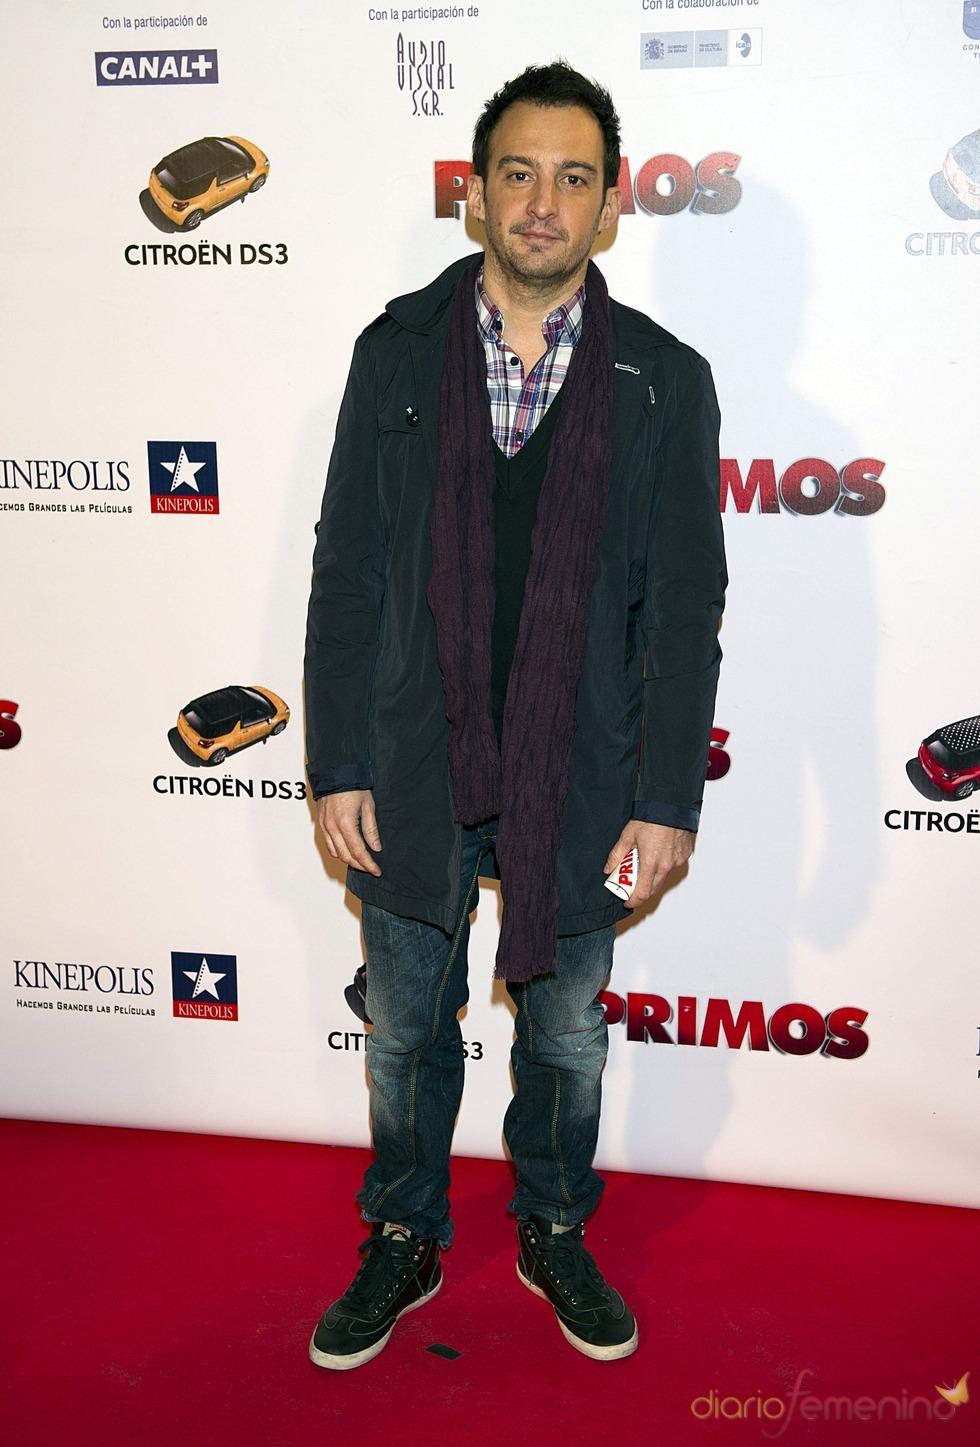 El director de cine, Alejandro Amenabar